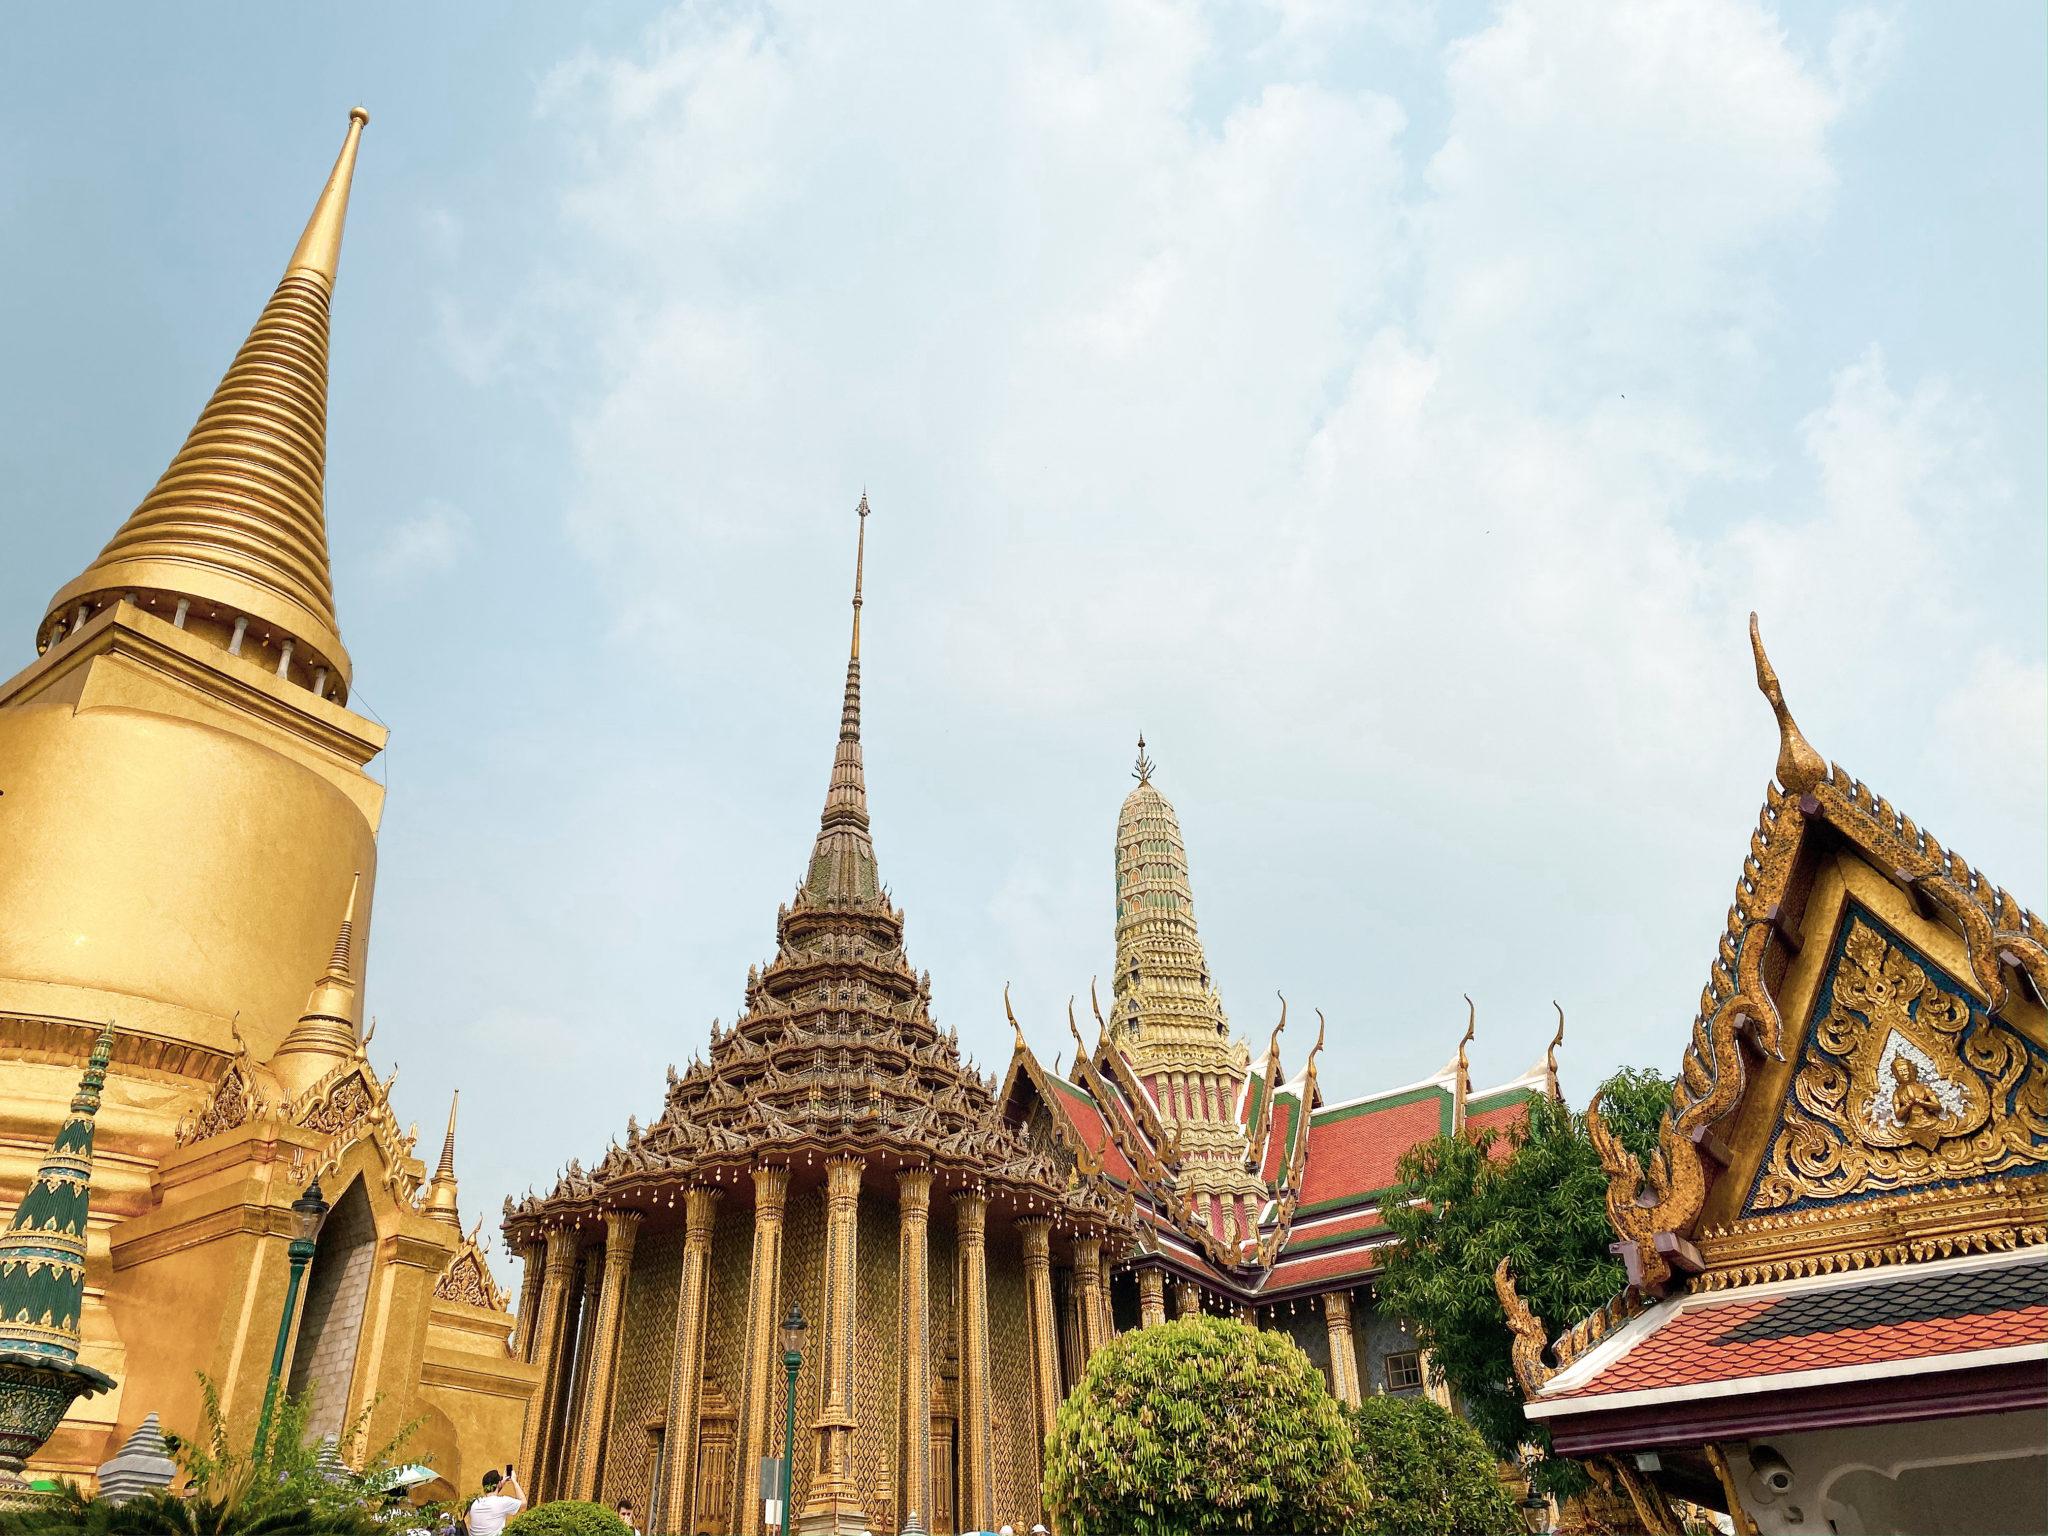 Grand Palace Големият дворец - Забележителности в Банкок, пътеводител Банкок, пътуване до Банкок, Тайланд, какво да правя 3 дни в Банкок, съвети от блогър Михаела от quite a looker